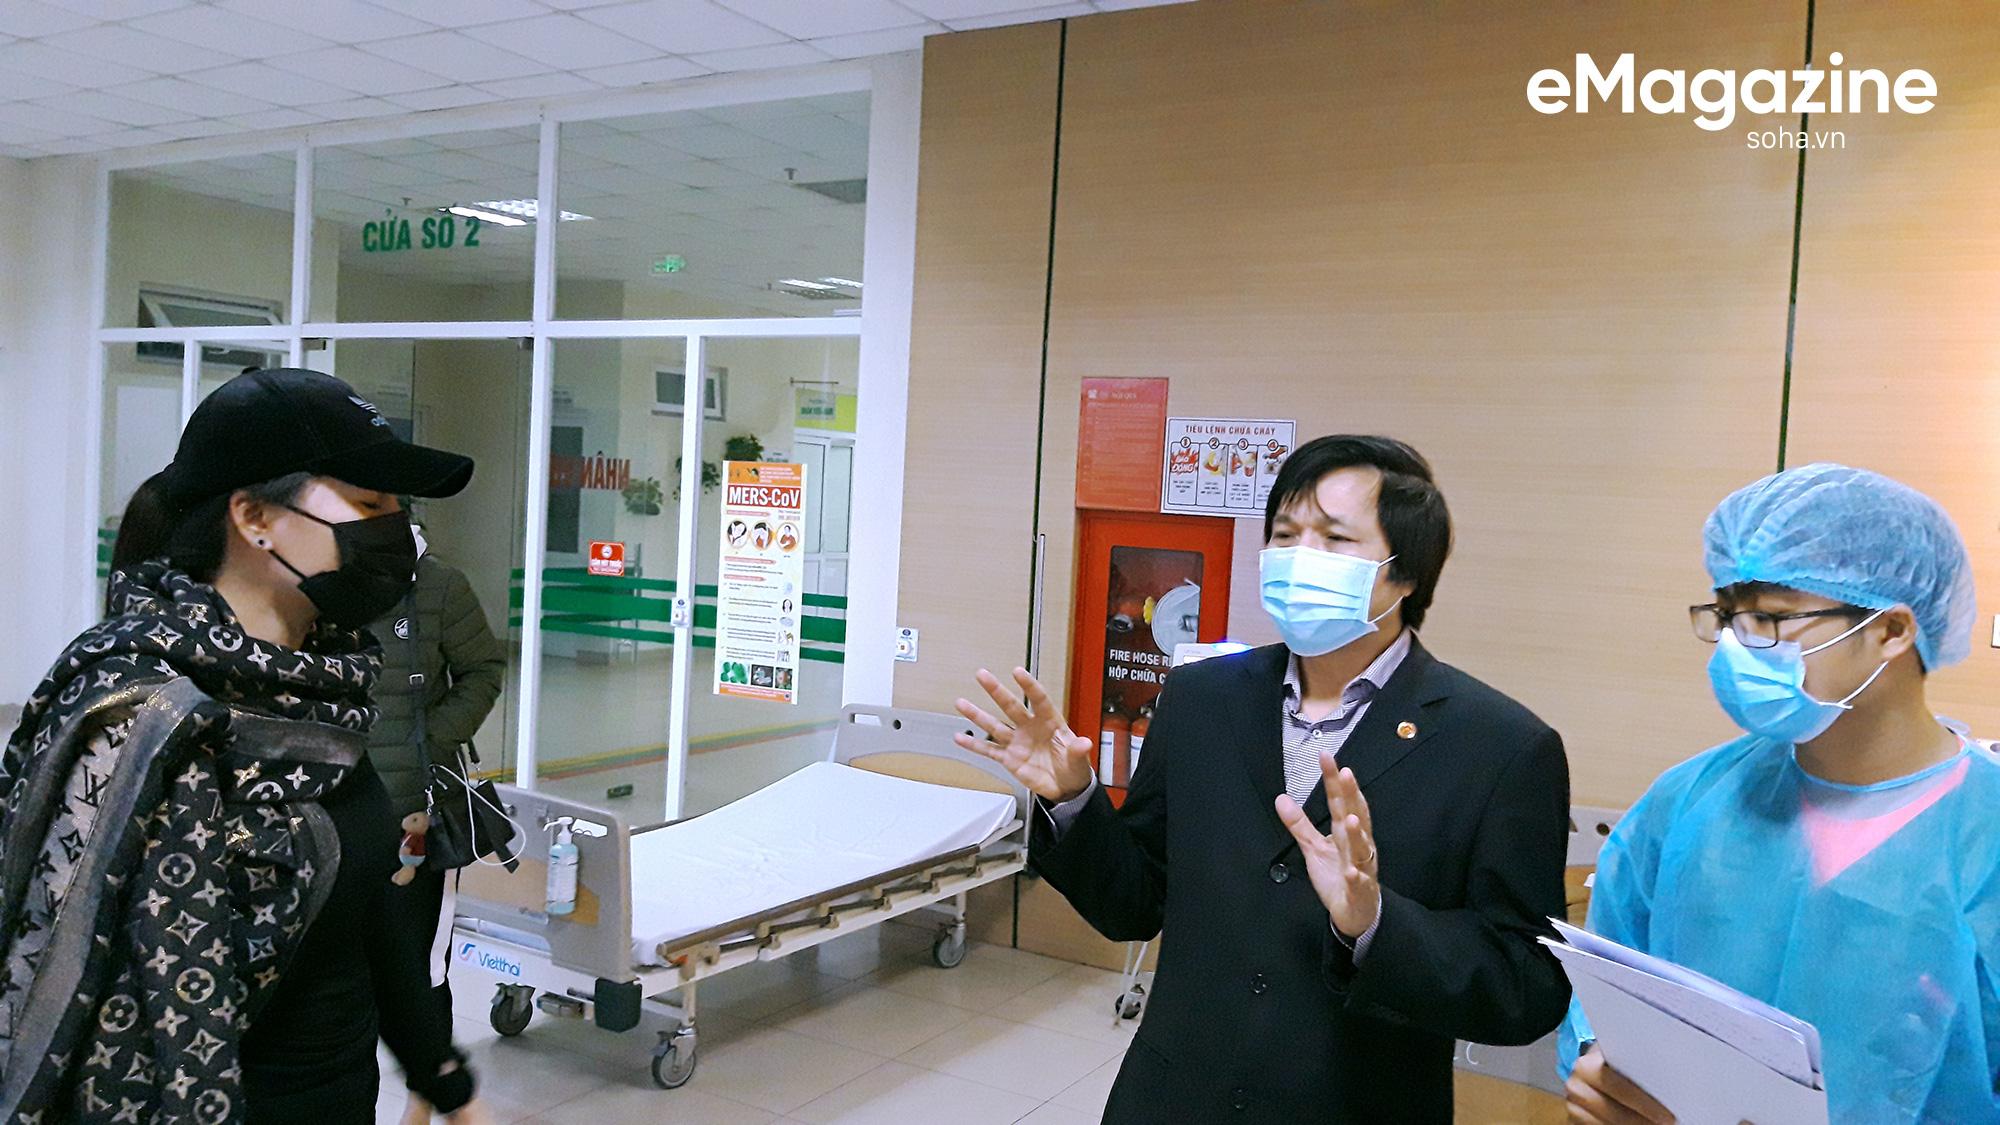 Cán bộ Bộ Y tế và bác sĩ thuyết phục một phụ nữ trở về từ Trung Quốc làm xét nghiệm để đảm bảo an toàn cho mình và người khác.